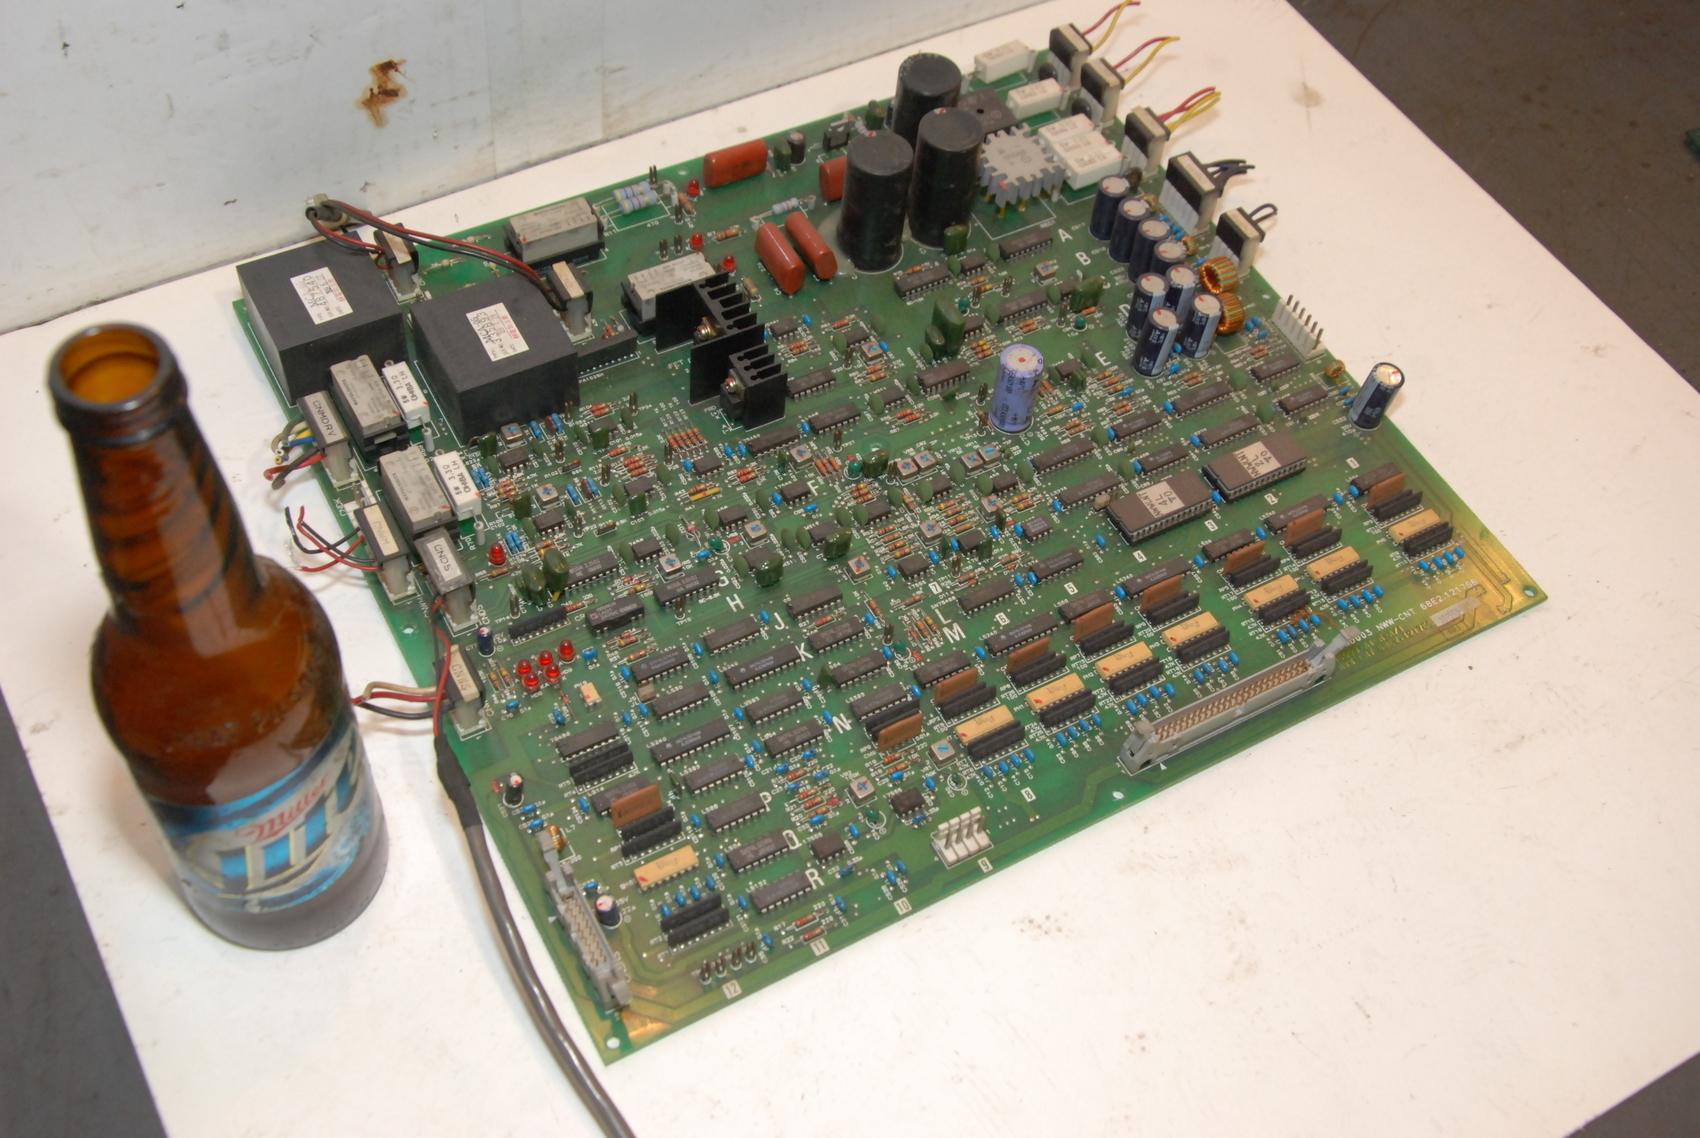 MITSUBISHI 68E2.121766 NWW-CNT BOARD